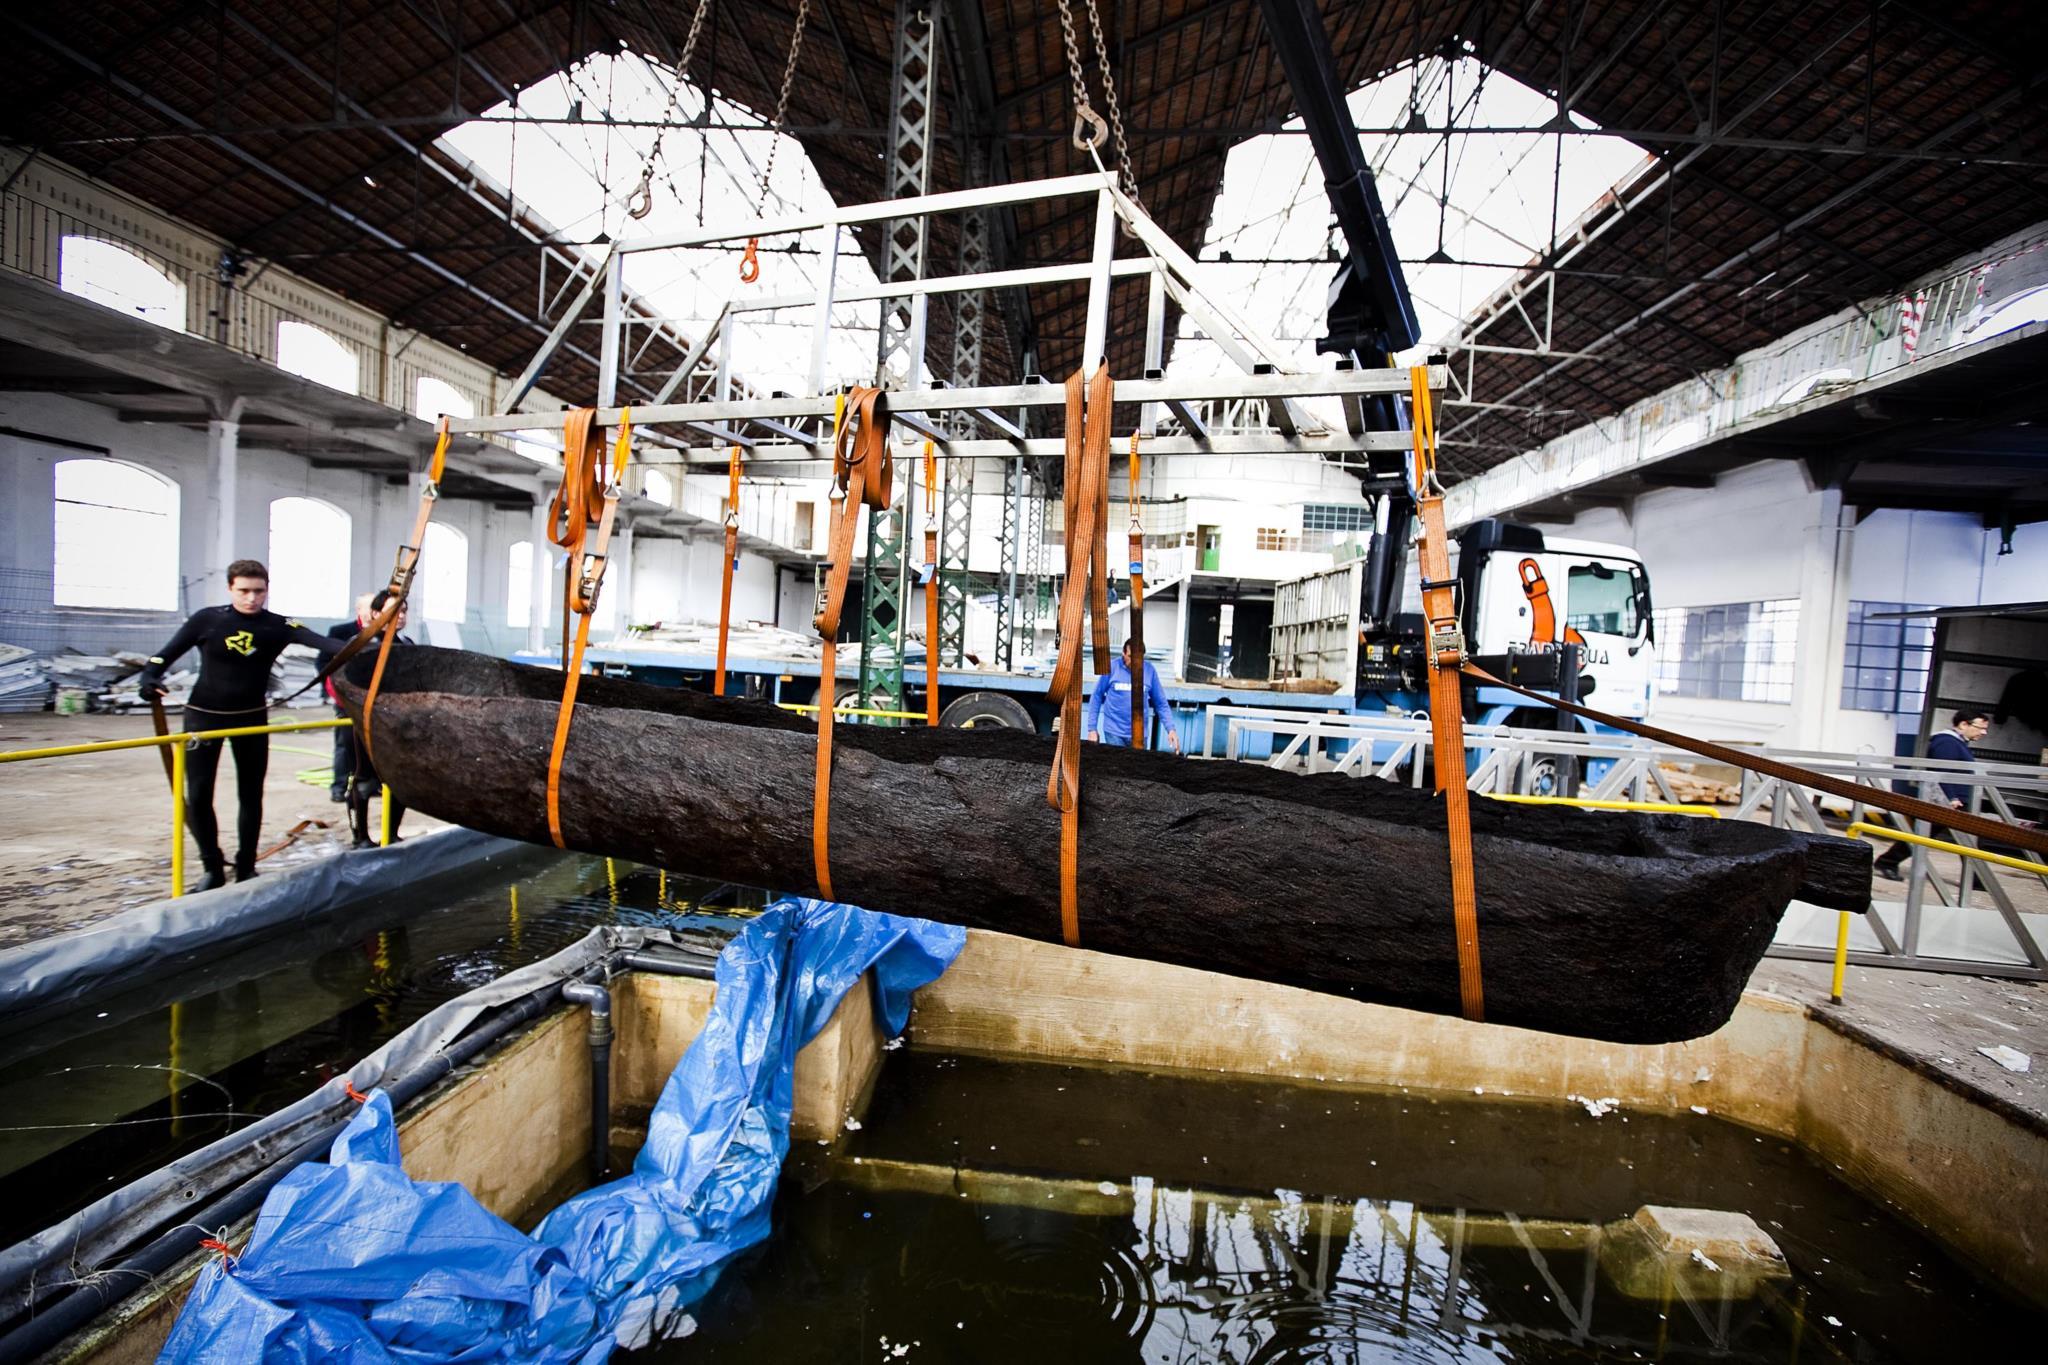 PÚBLICO - A arqueologia náutica e subaquática portuguesa está a naufragar?